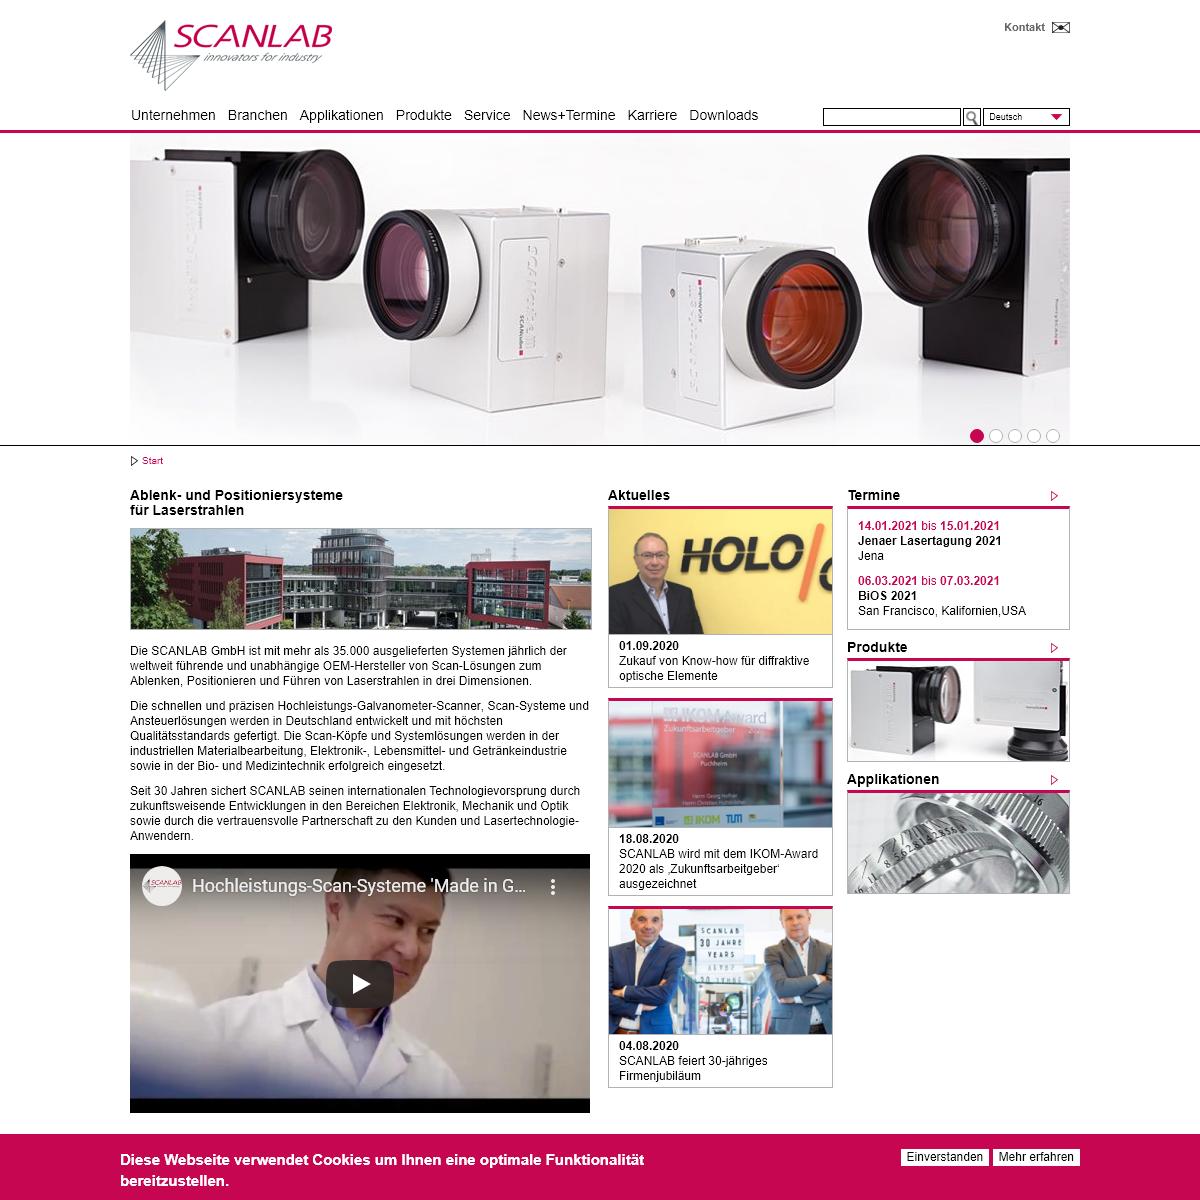 SCANLAB - Ablenk- und Positioniersysteme für Laserstrahlen